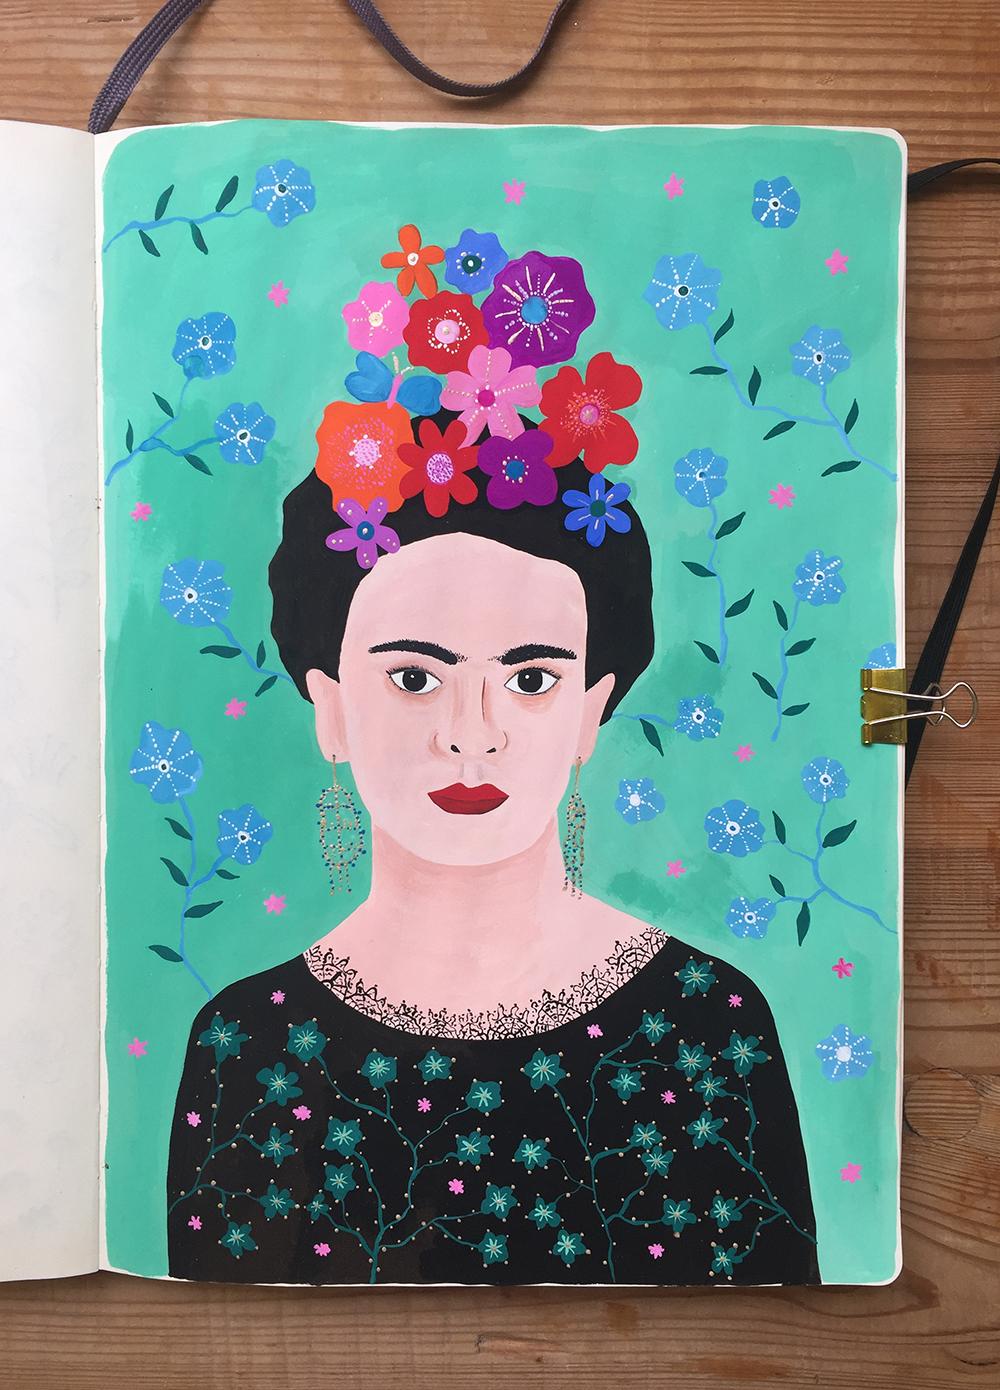 Frida Kahlo illustration by Marenthe.jpg